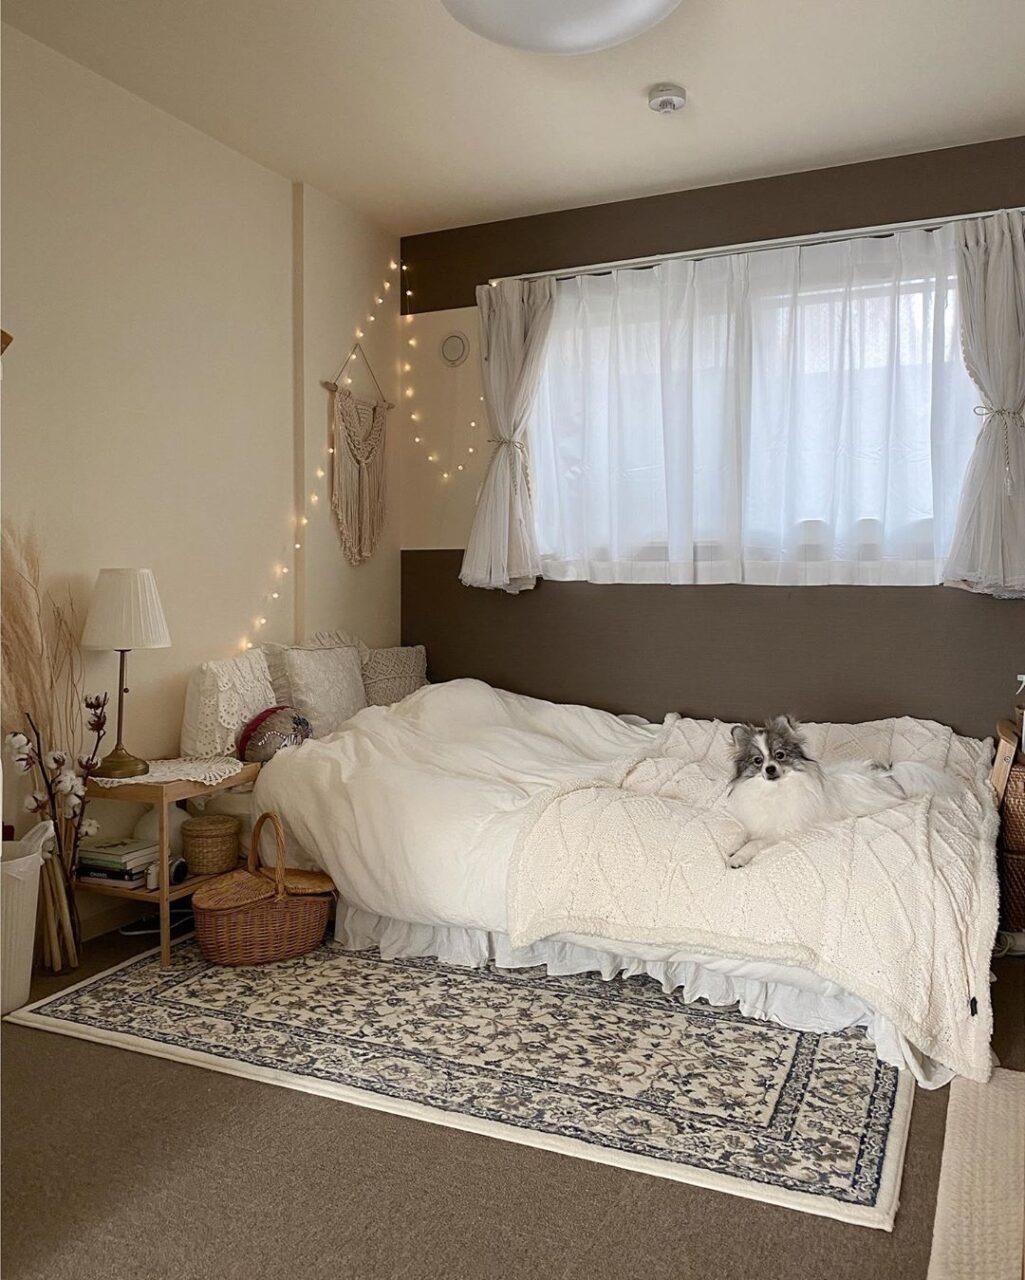 my roomに小さなトキメキを。お部屋にあったらいいな、を叶えるインテリア特集